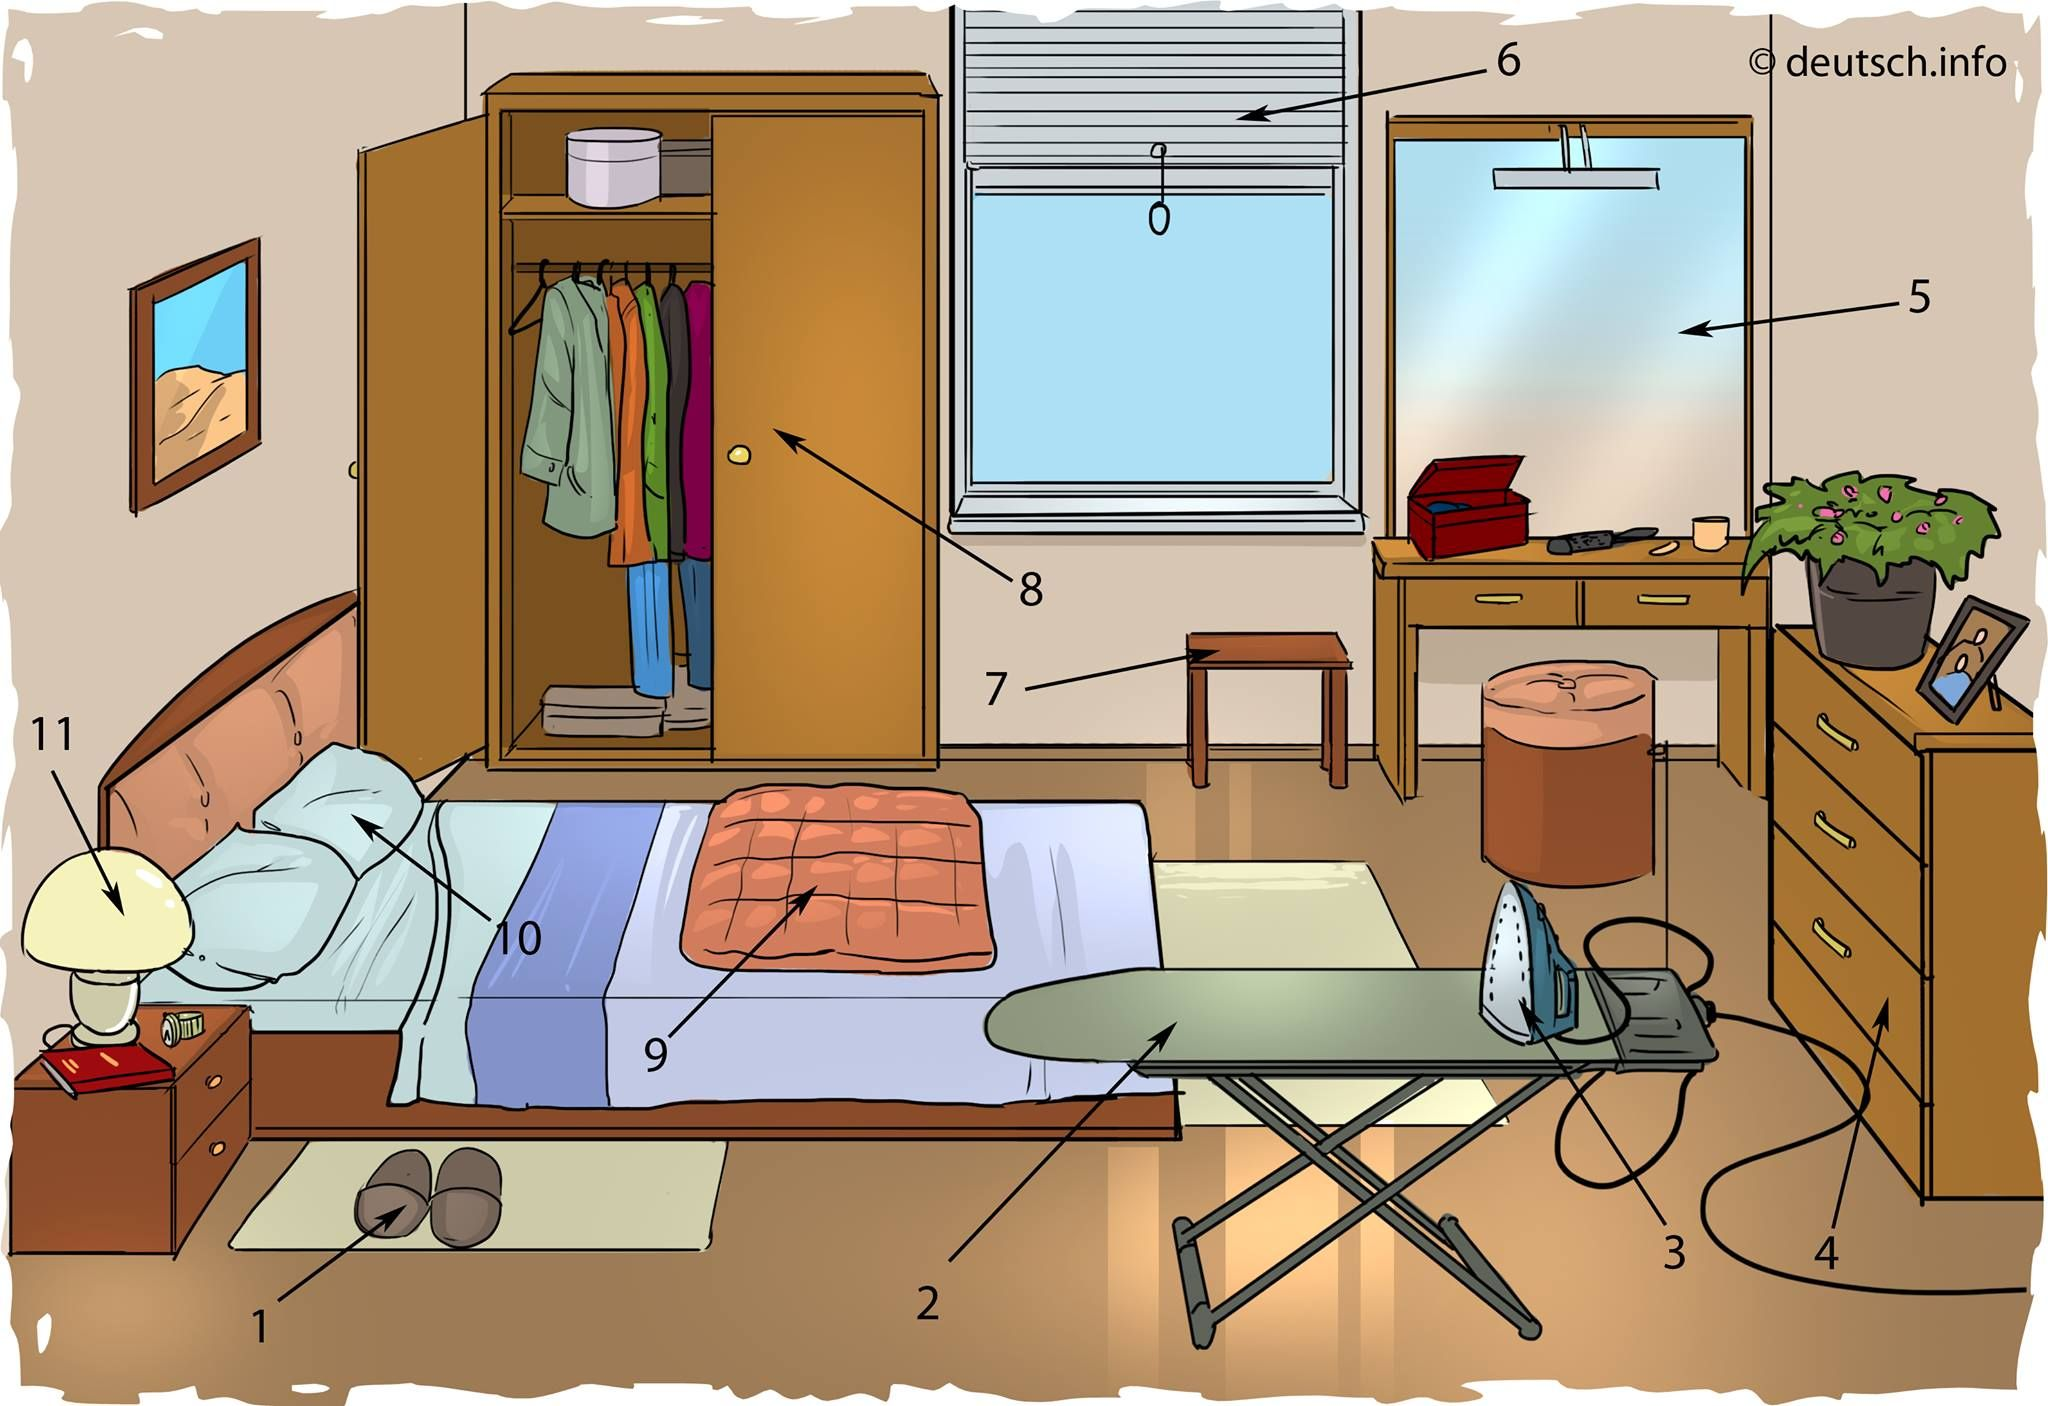 das Schlafzimmer Bilder mit Vokabular DAF Pinterest